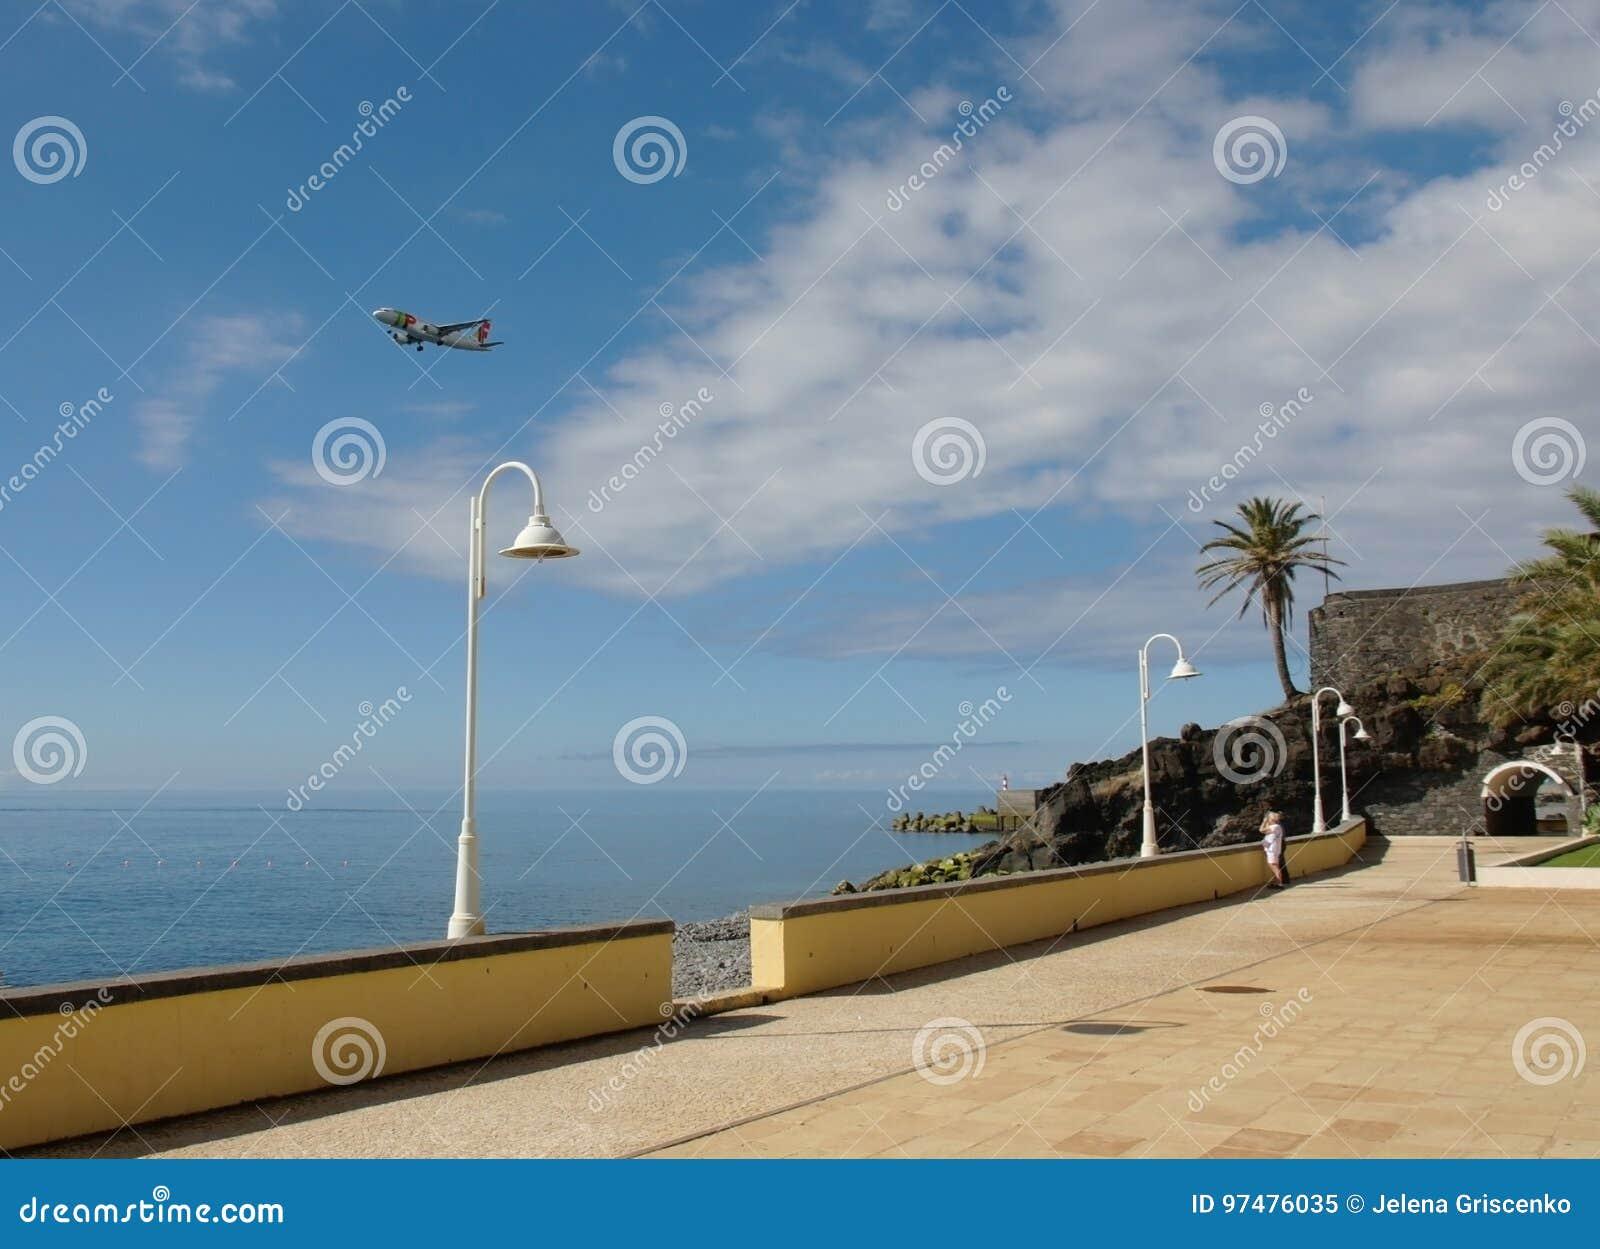 Ένα πετώντας αεροπλάνο στον ουρανό και όμορφο seascape της Μαδέρας